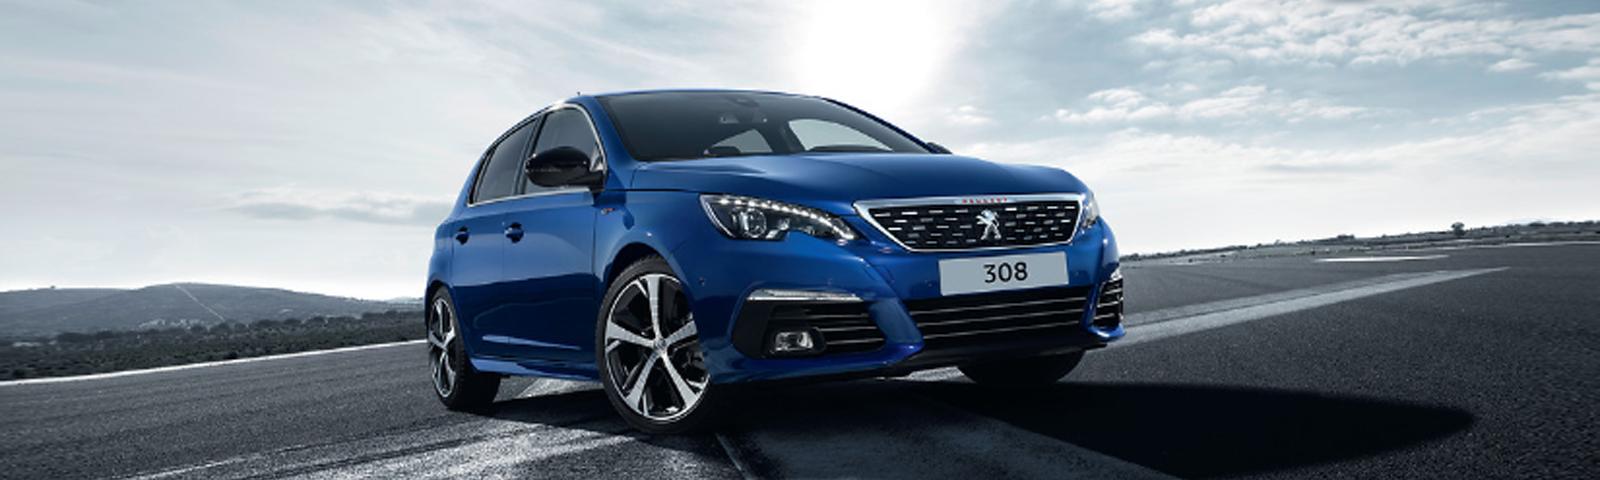 Llegan las 48 Horas para terminar el año con un Peugeot al mejor precio